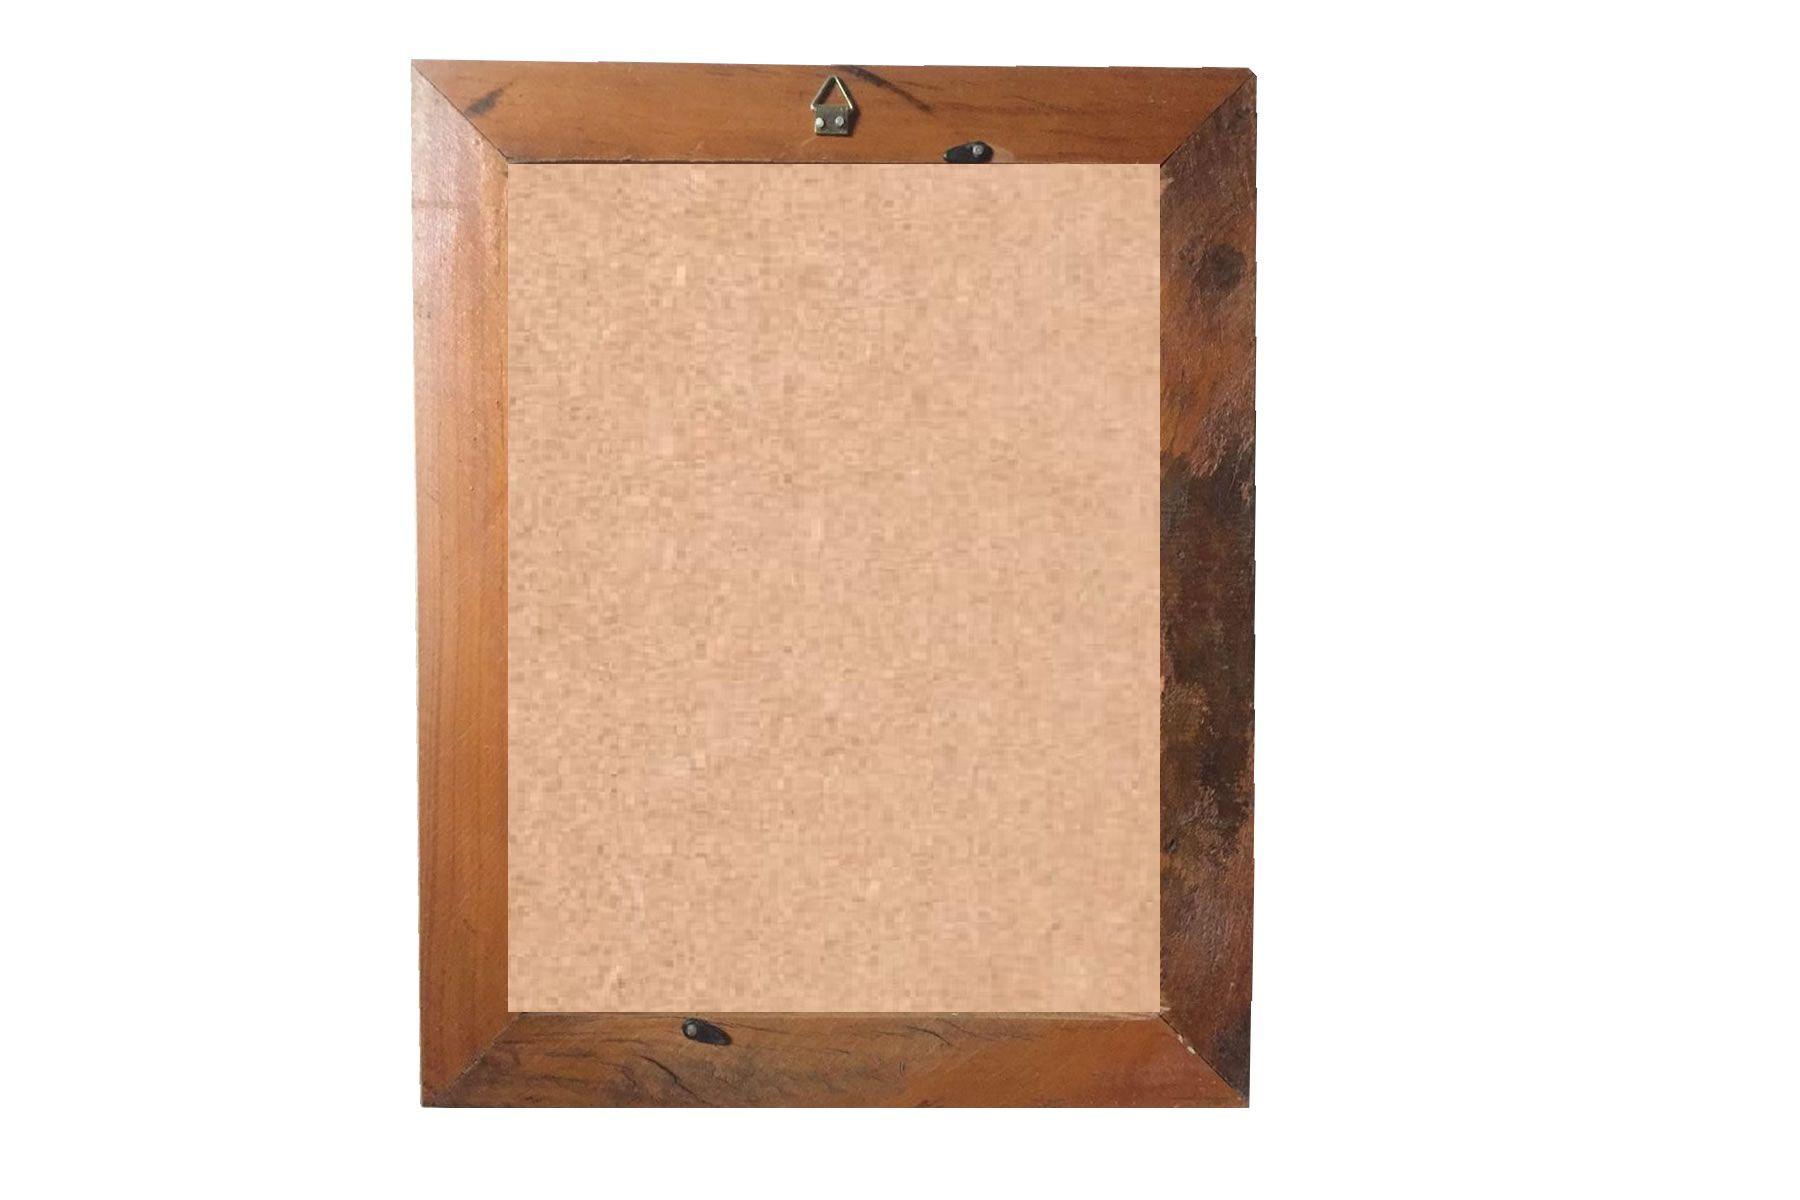 Kit 4 Quadros Moldura Rústica certificado A4 (21x30cm) C/ Vidro Amarelo